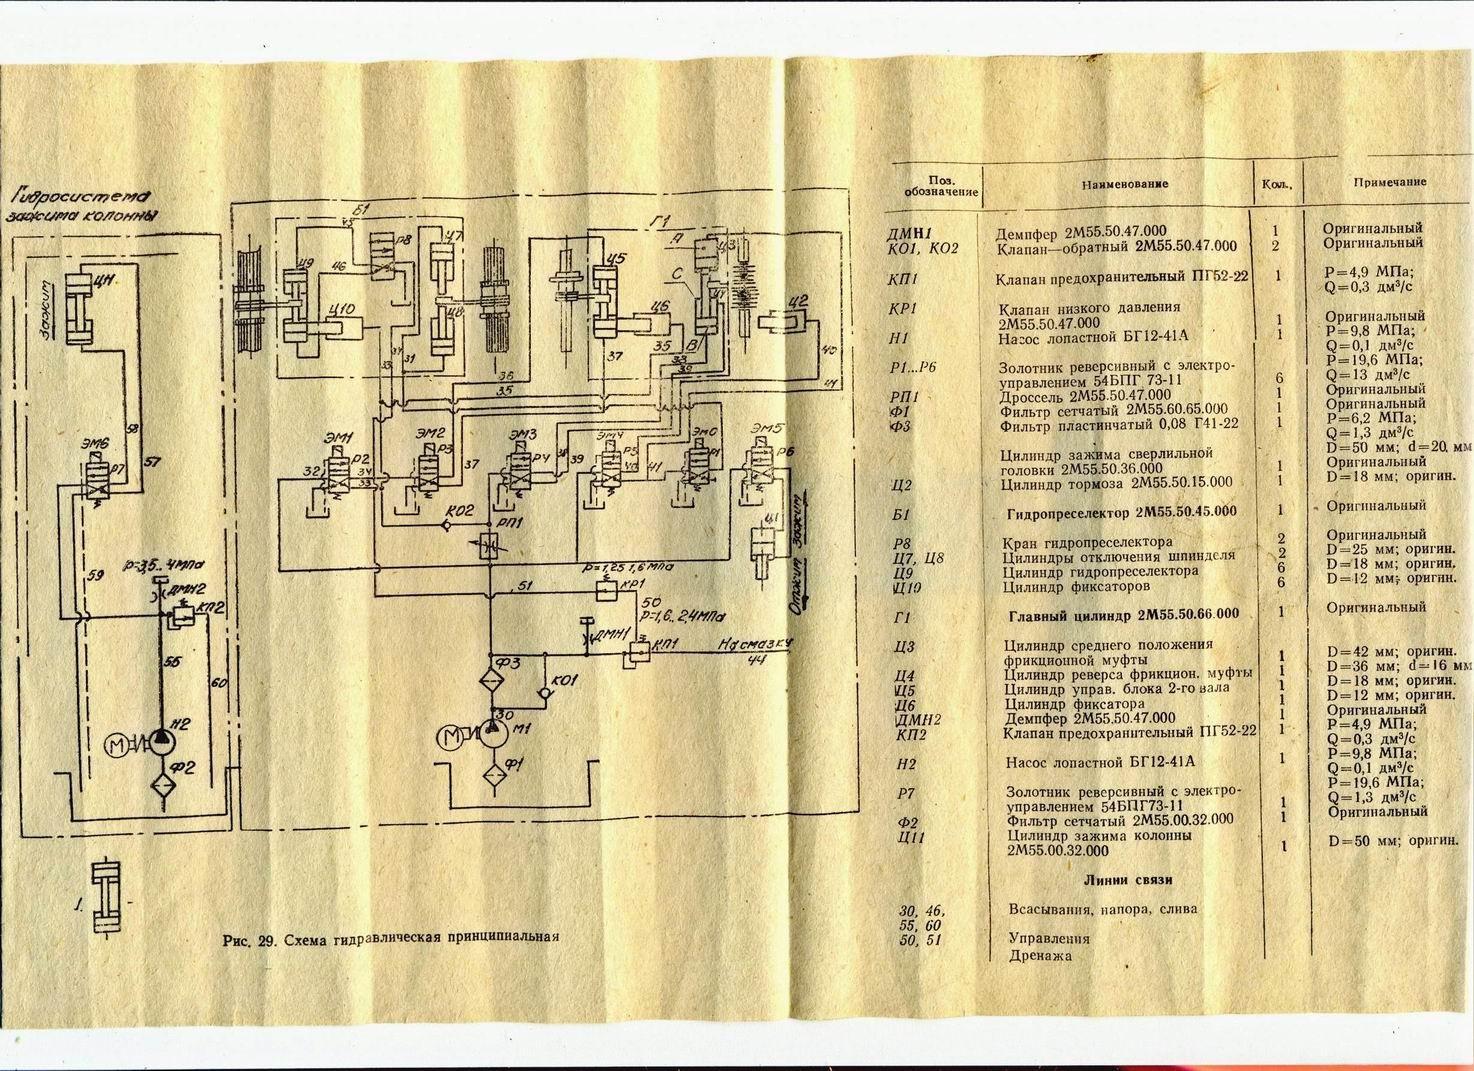 Электрическая схема станка субд